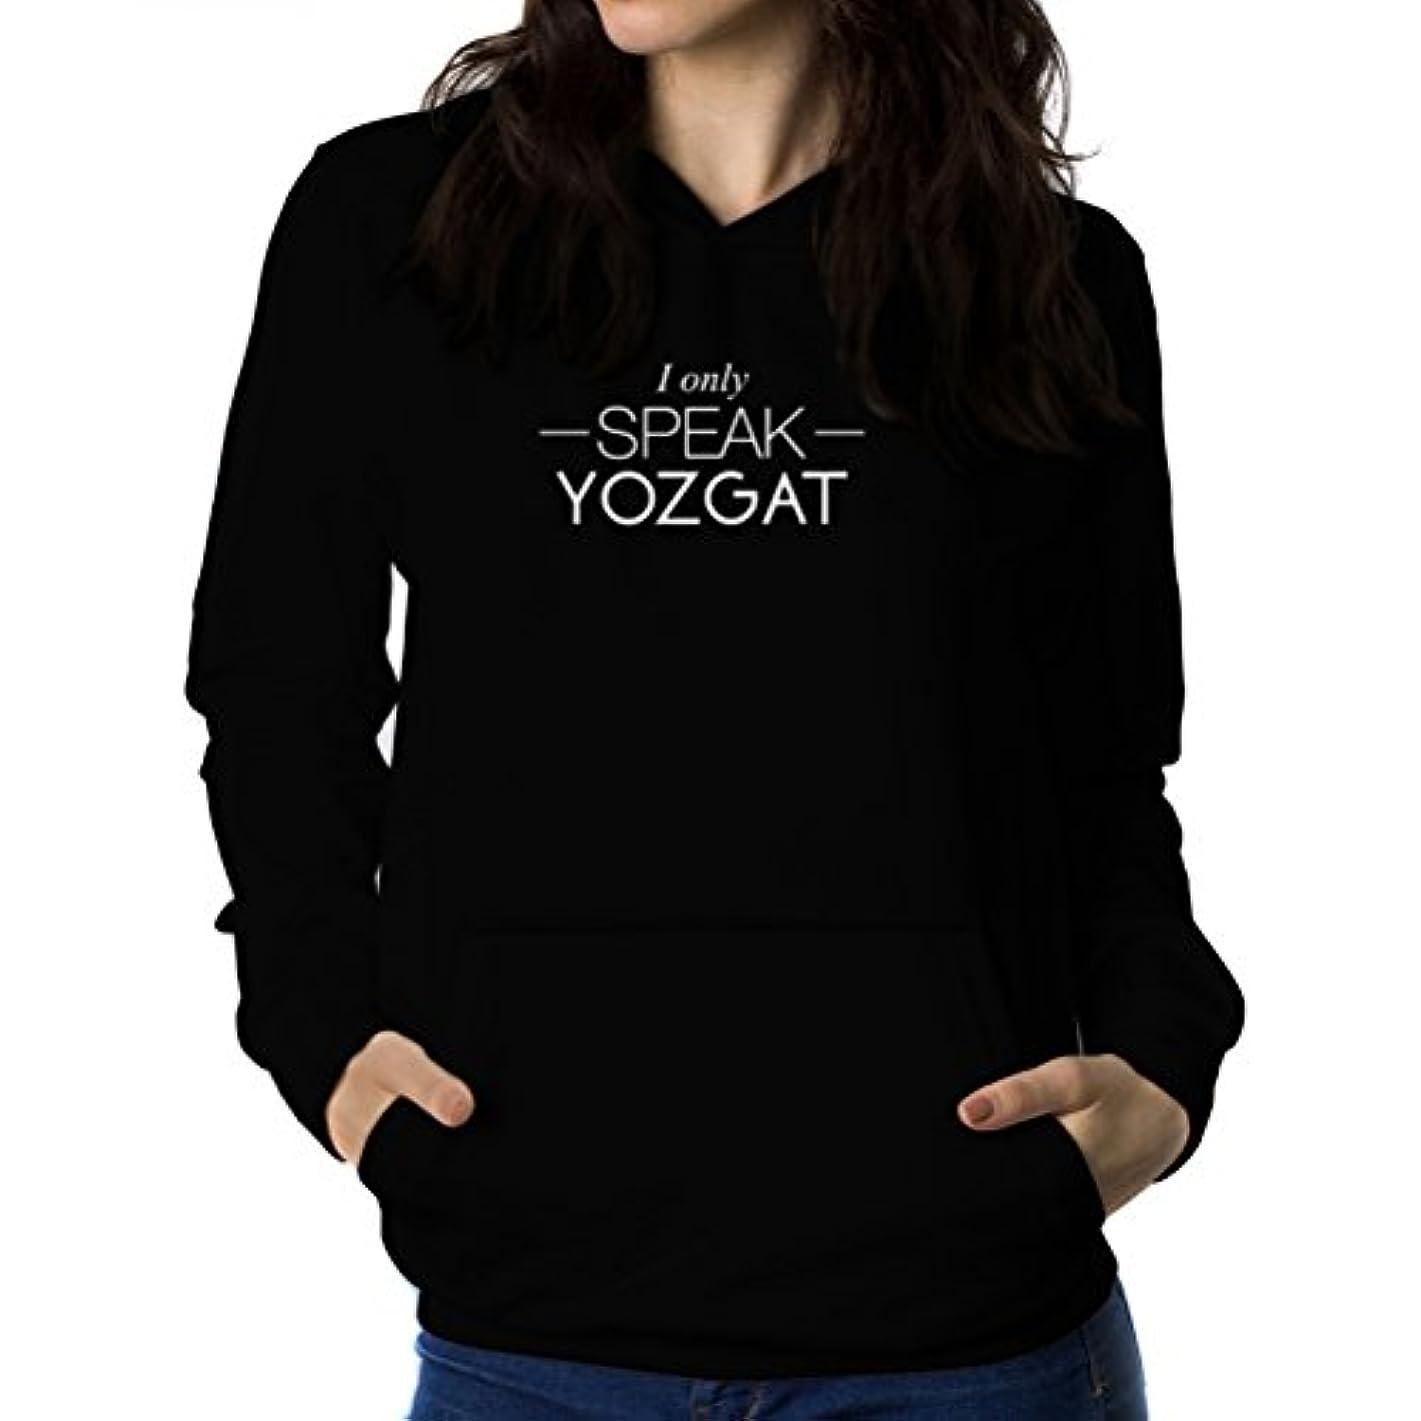 しばしば床を掃除するリンケージI only speak Yozgat 女性 フーディー